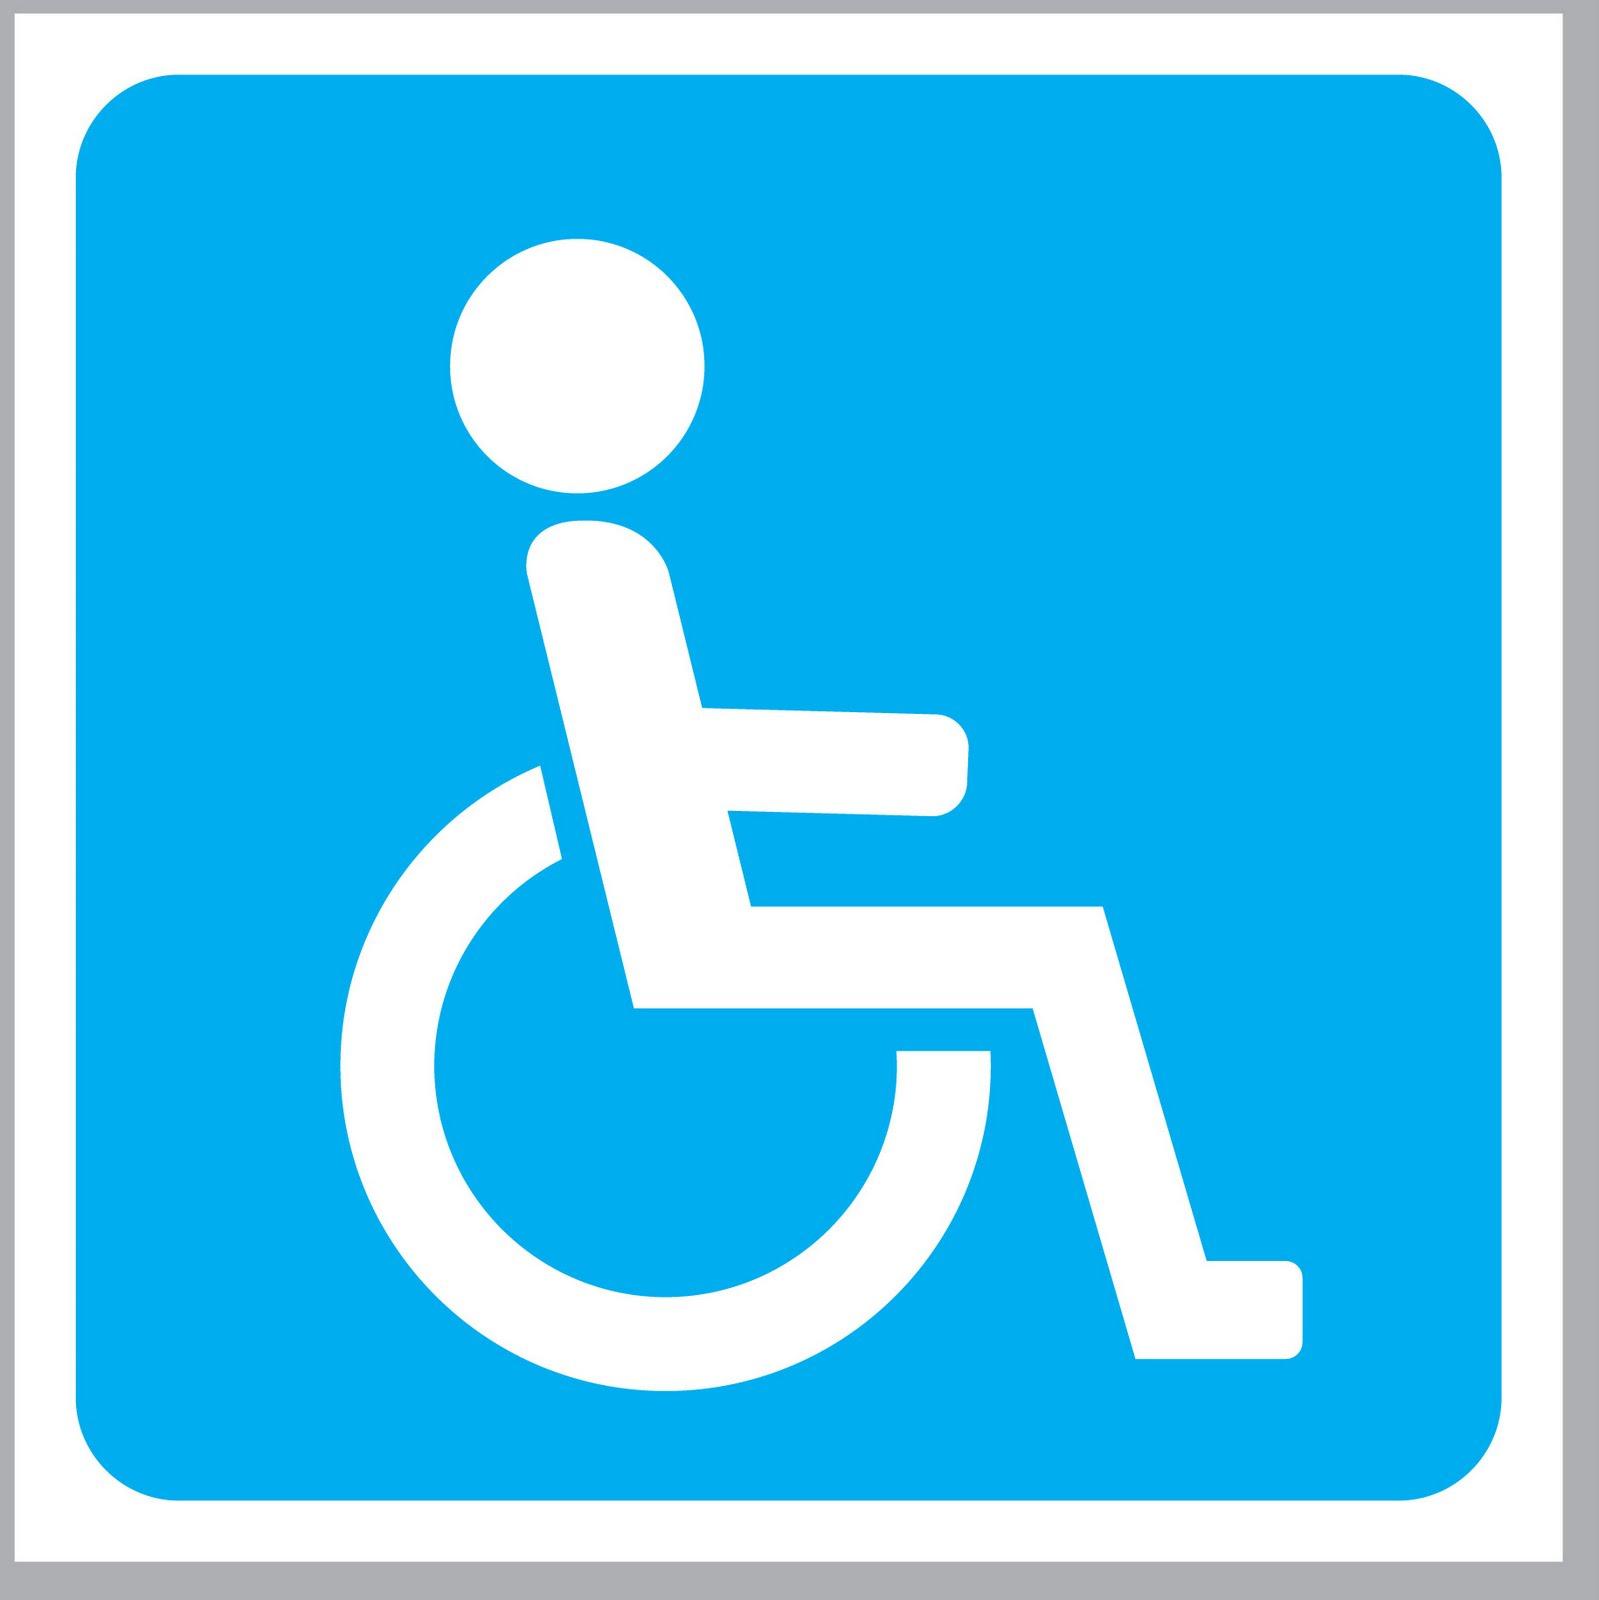 21 грудня 2017р.  у місті Івано-Франківську відбудеться навчання з покращення рівня навиків спілкування та роботи працівників суду із людьми з інвалідністю